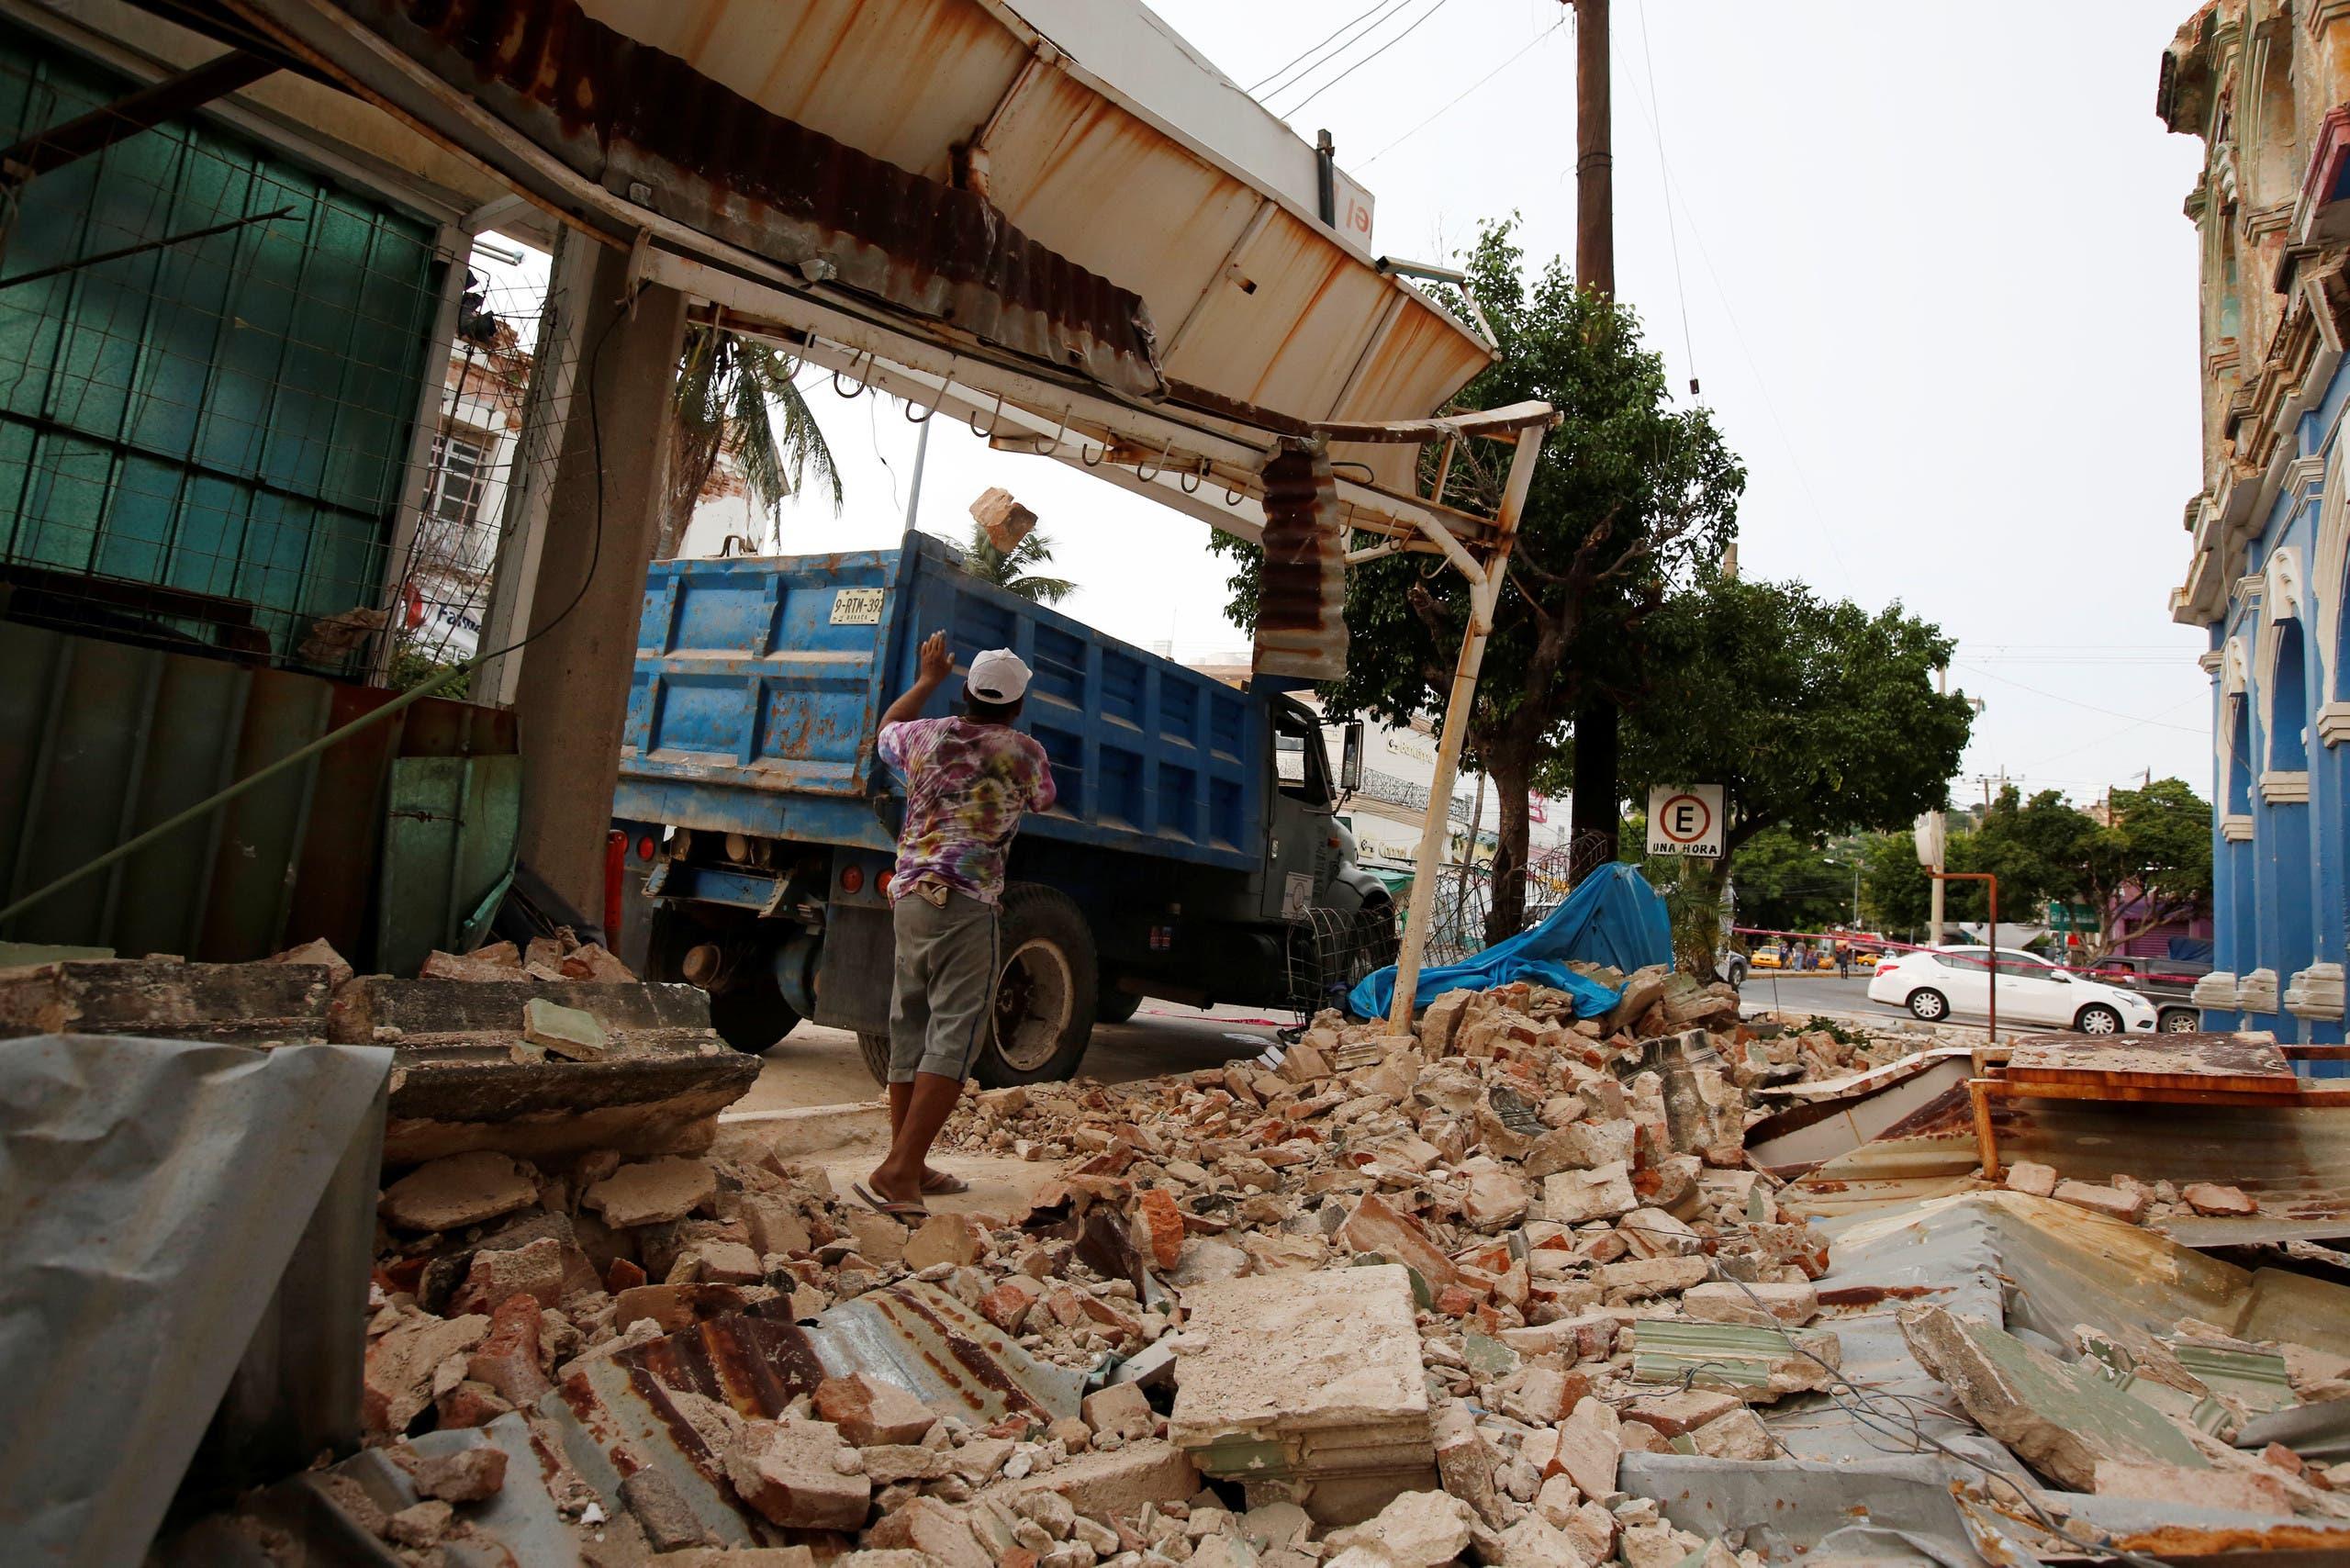 لكن الأضرار التي لحقت بالمدينة هذه المرة كانت محدودة حيث كان مركز الزلزال أعمق وأبعد عن العاصمة، لكن لا يزال آلاف الأشخاص يفرون من منازلهم في أعقاب الزلزال ...